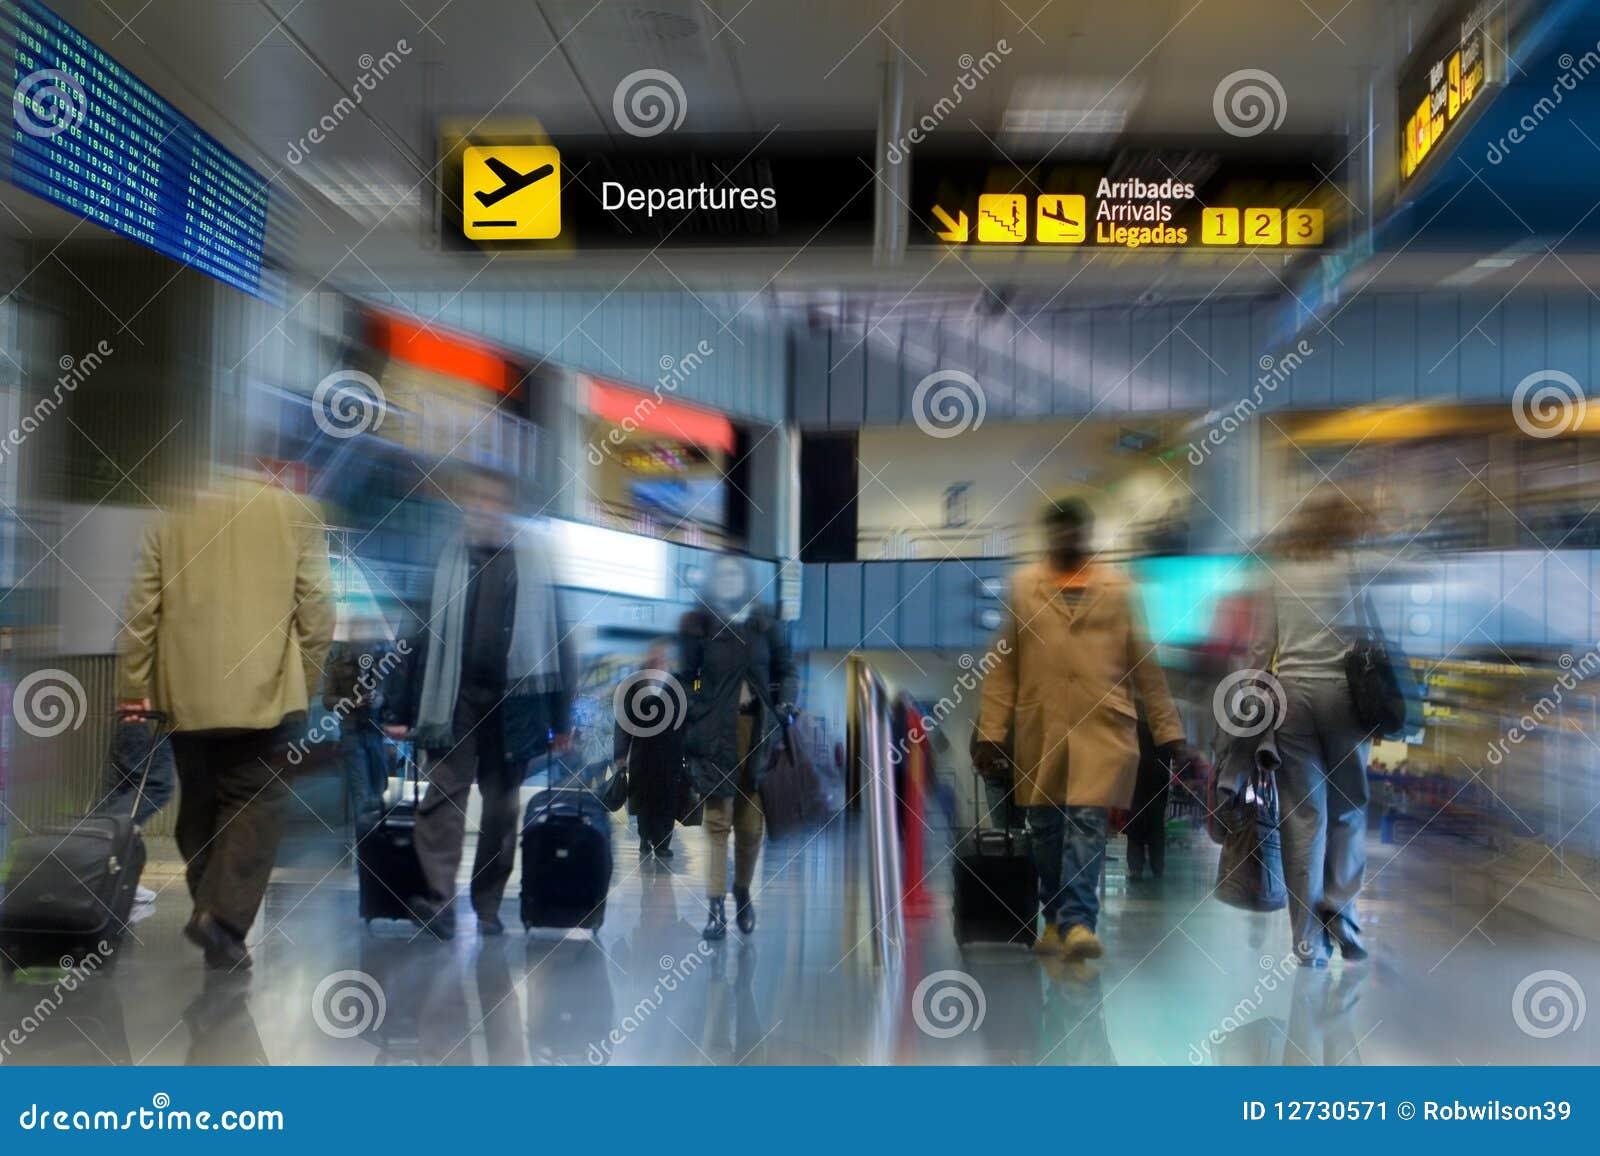 Flygplatsterminal